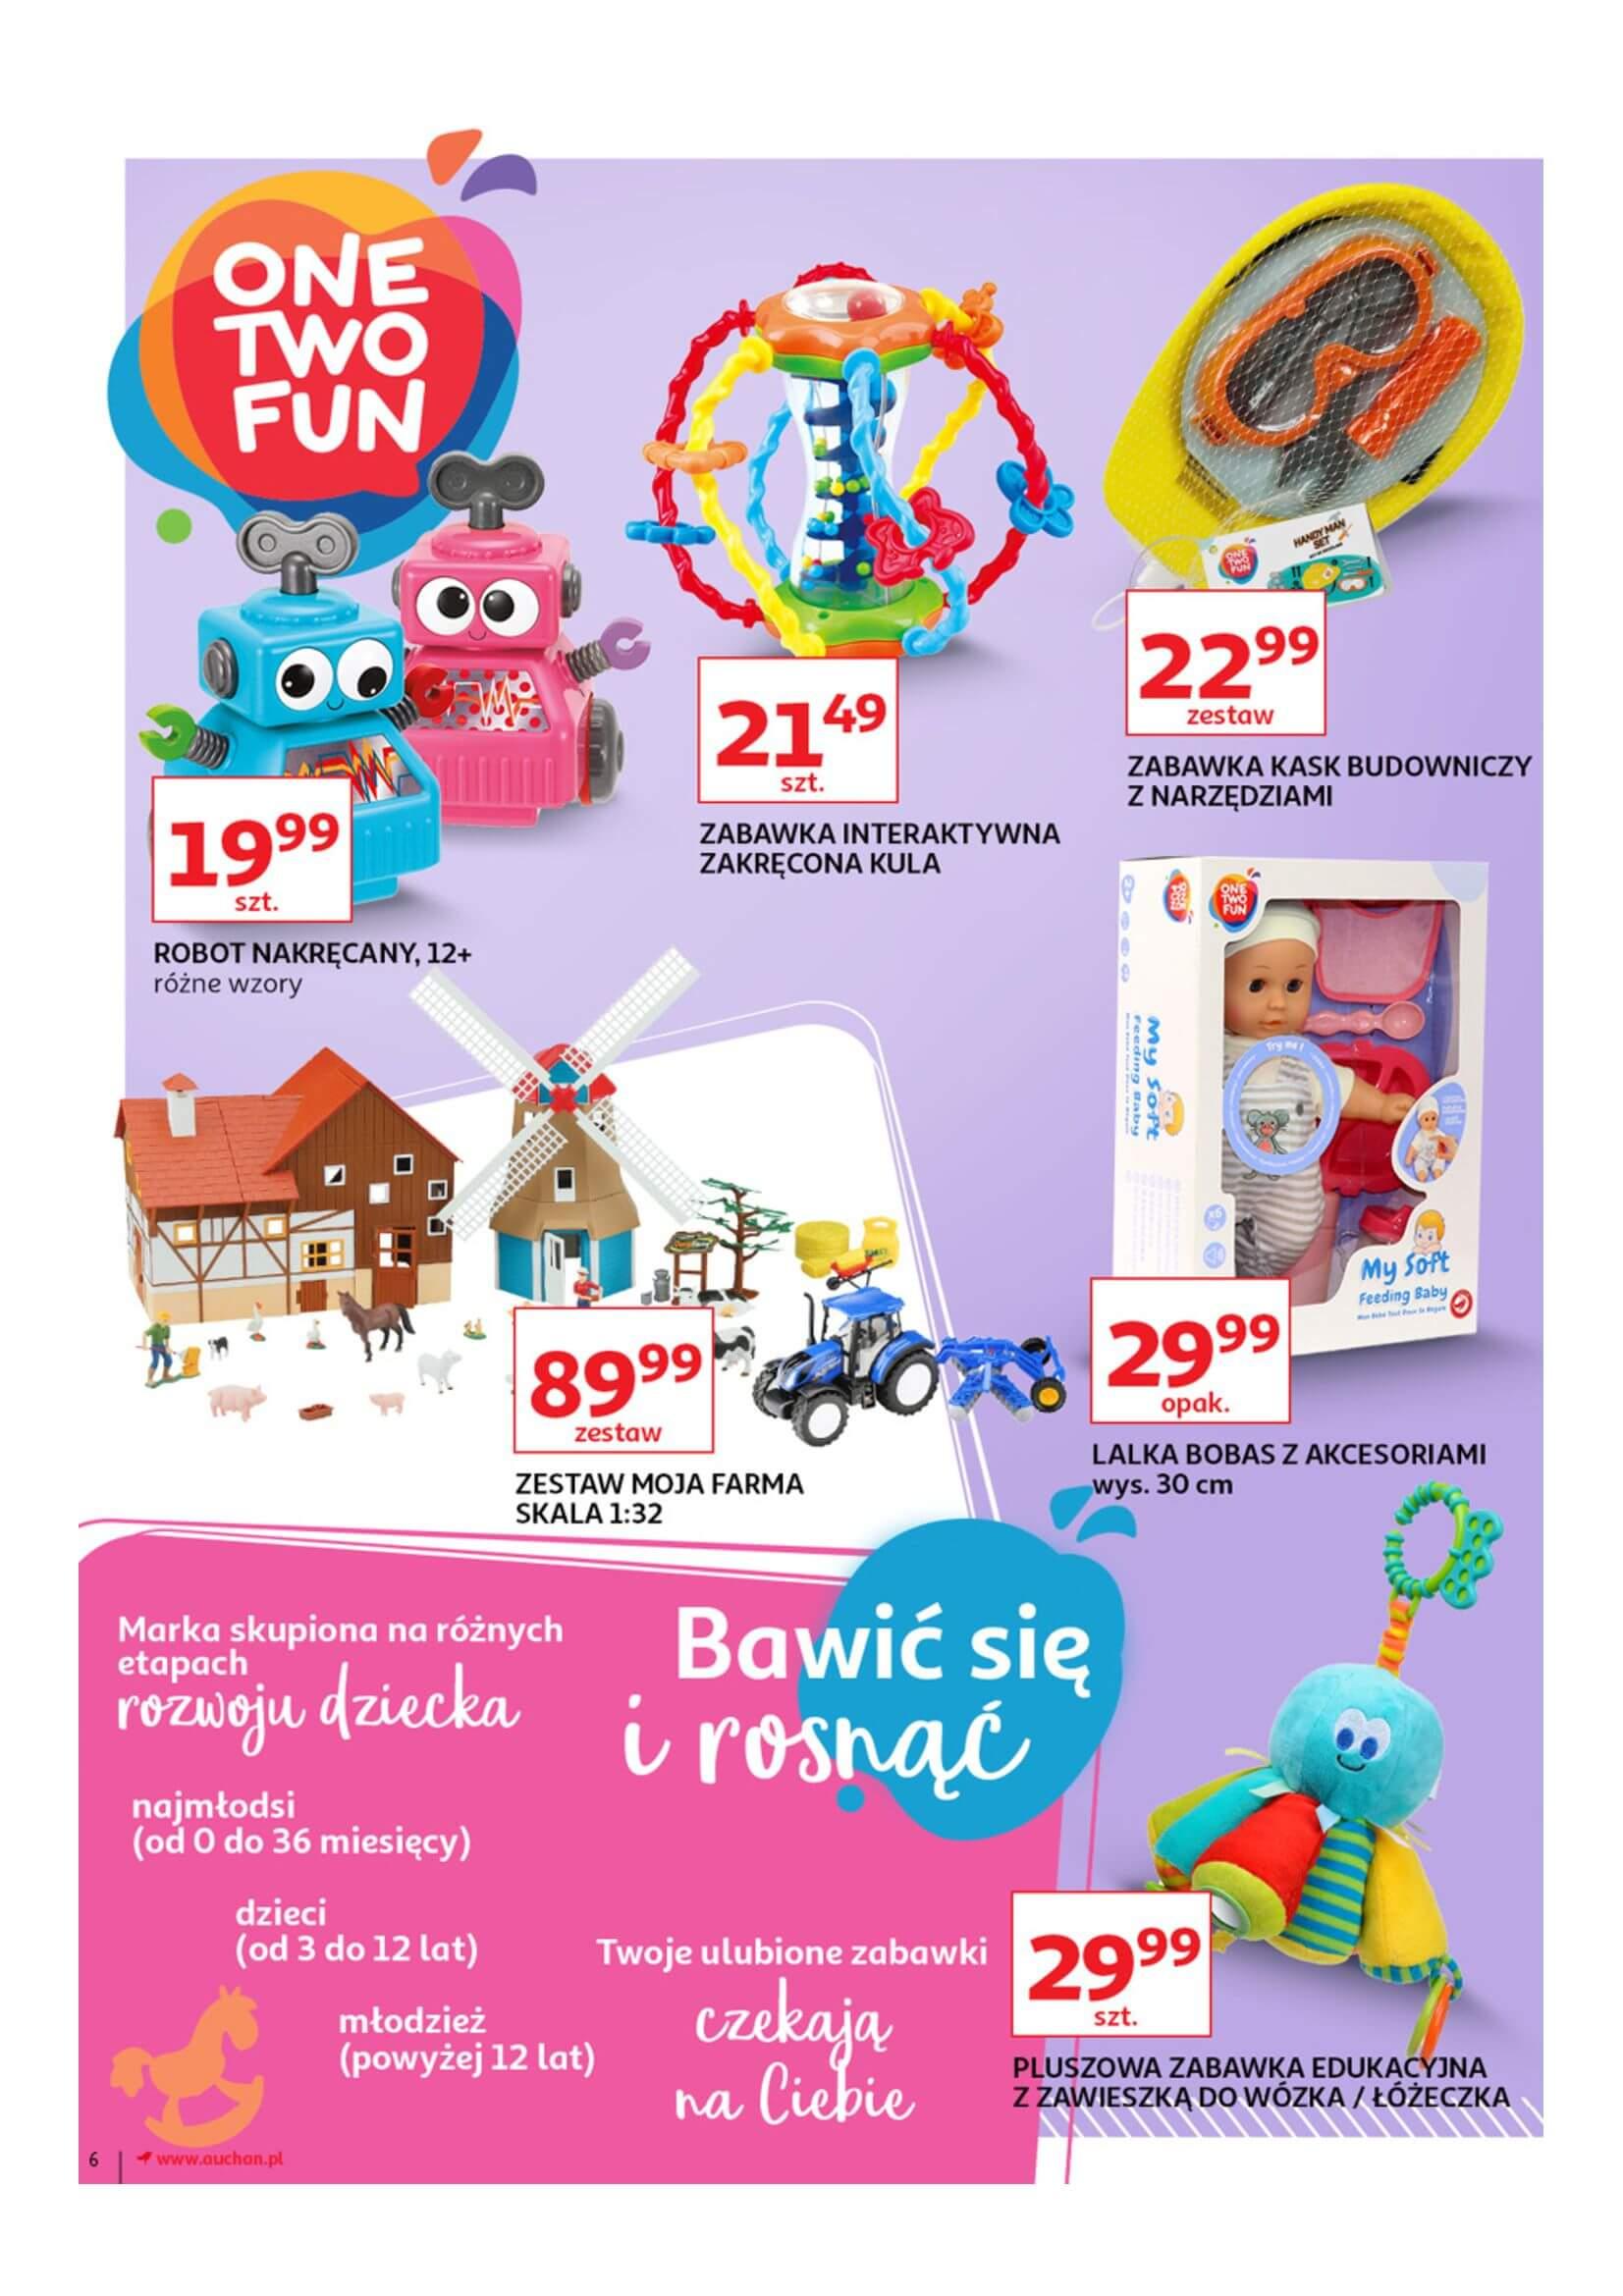 Gazetka Auchan - Poznaj jakość marek Auchan Hipermarkety-13.03.2019-27.03.2019-page-